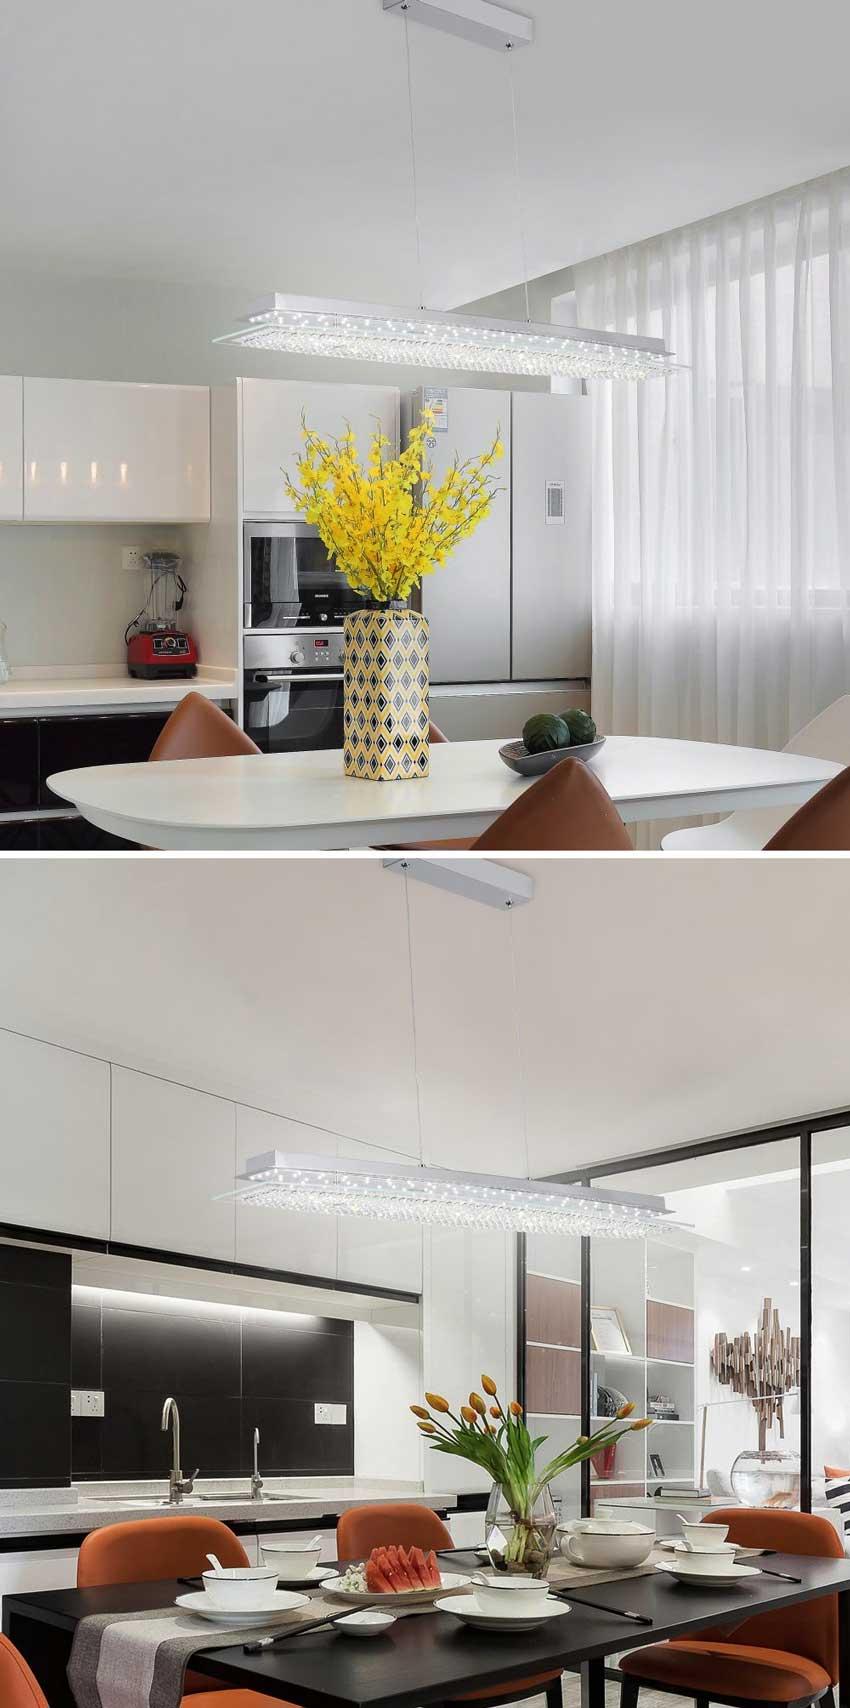 Table & chair combinations that just work great together. Lampadari E Lampade A Sospensione Design 35 Idee Che Vi Illumineranno